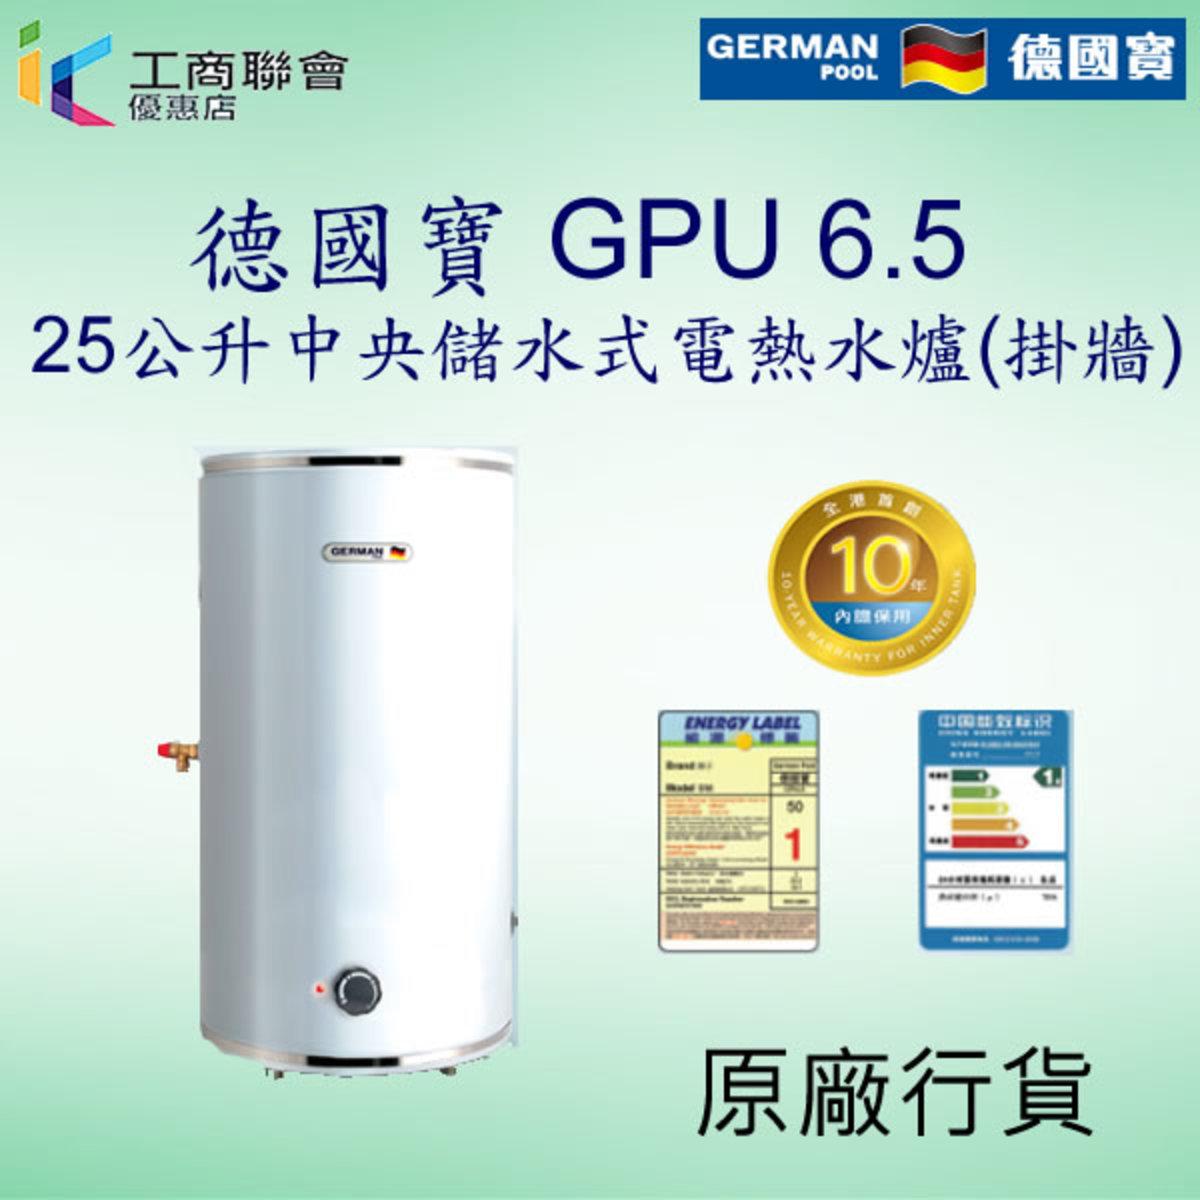 German Pool     GPU6.5  25公升 3KW /4KW  中央儲水式電熱水爐 (掛牆)